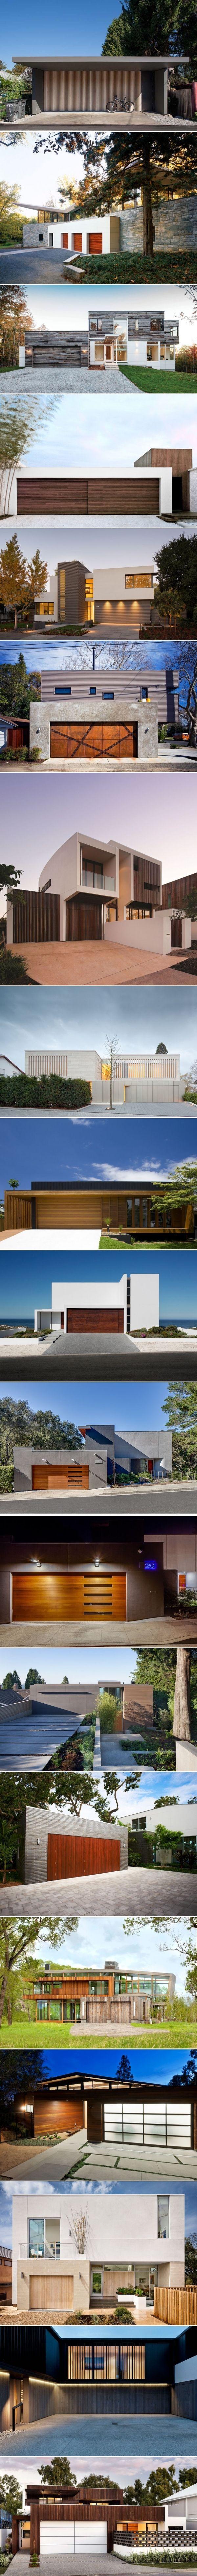 Modernes bungalow innenarchitektur wohnzimmer moderne hochwertige sessel für ein schönes wohnzimmer  free ebooks